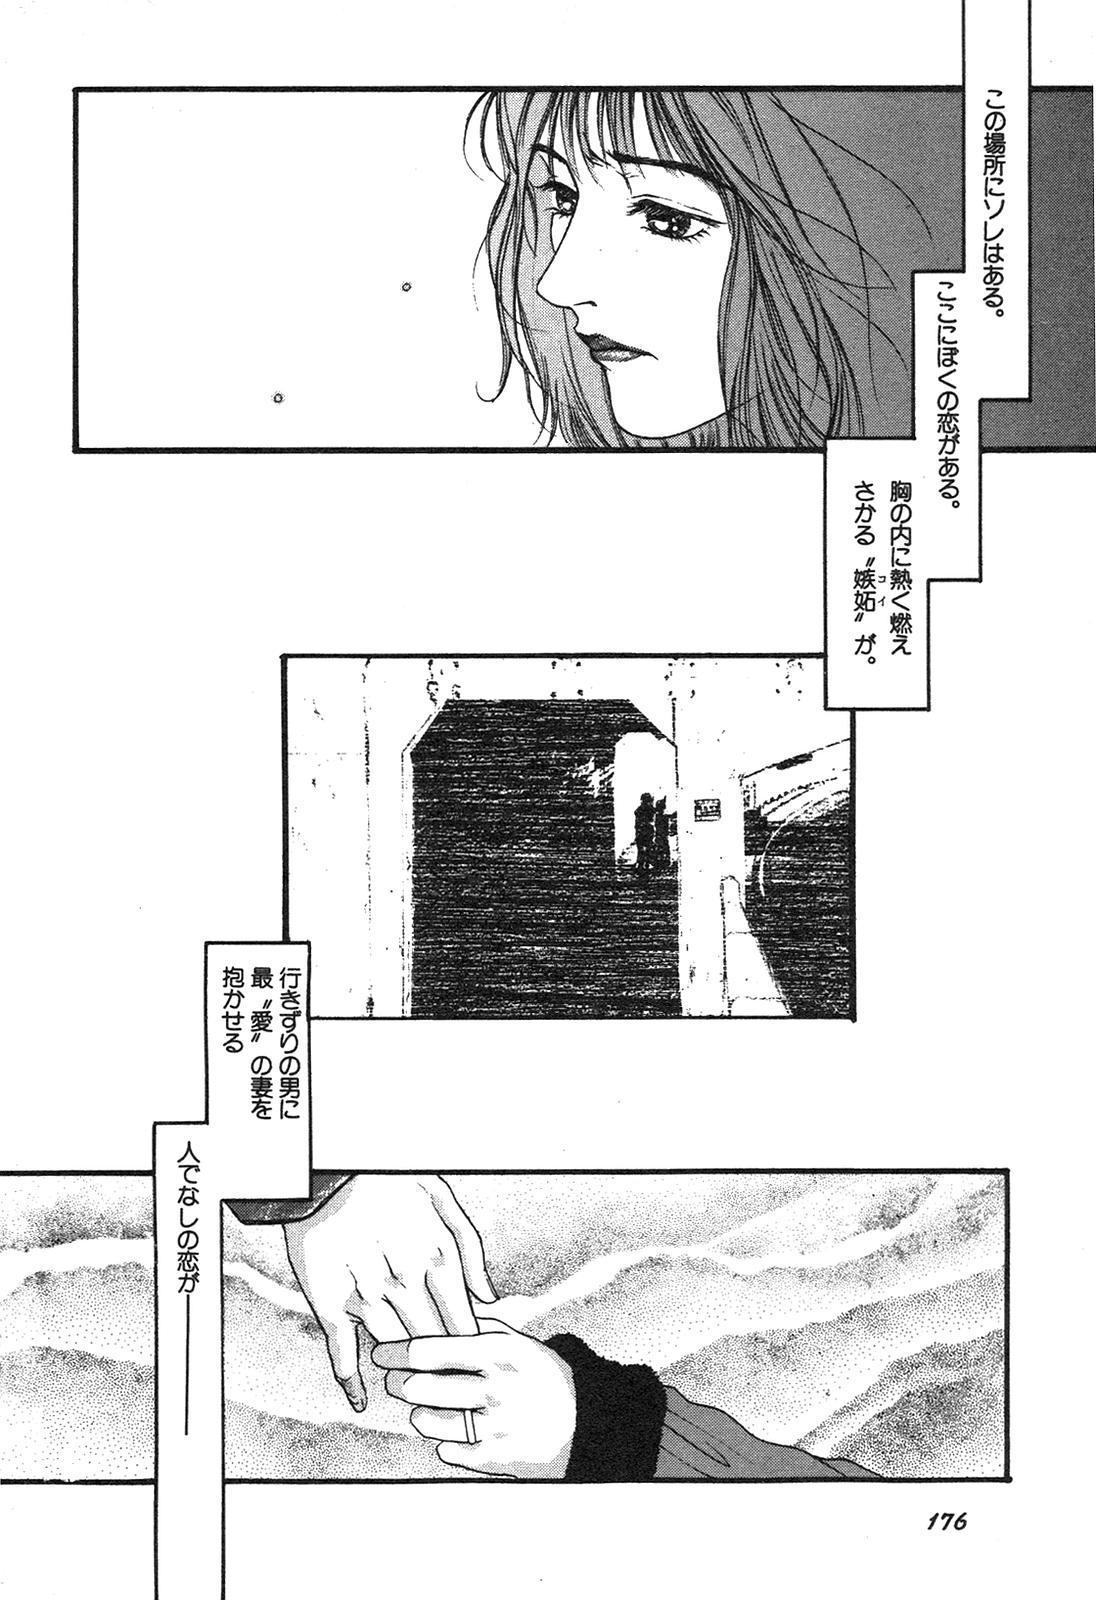 Shin Bishoujo Shoukougun 3 Yamato hen 176